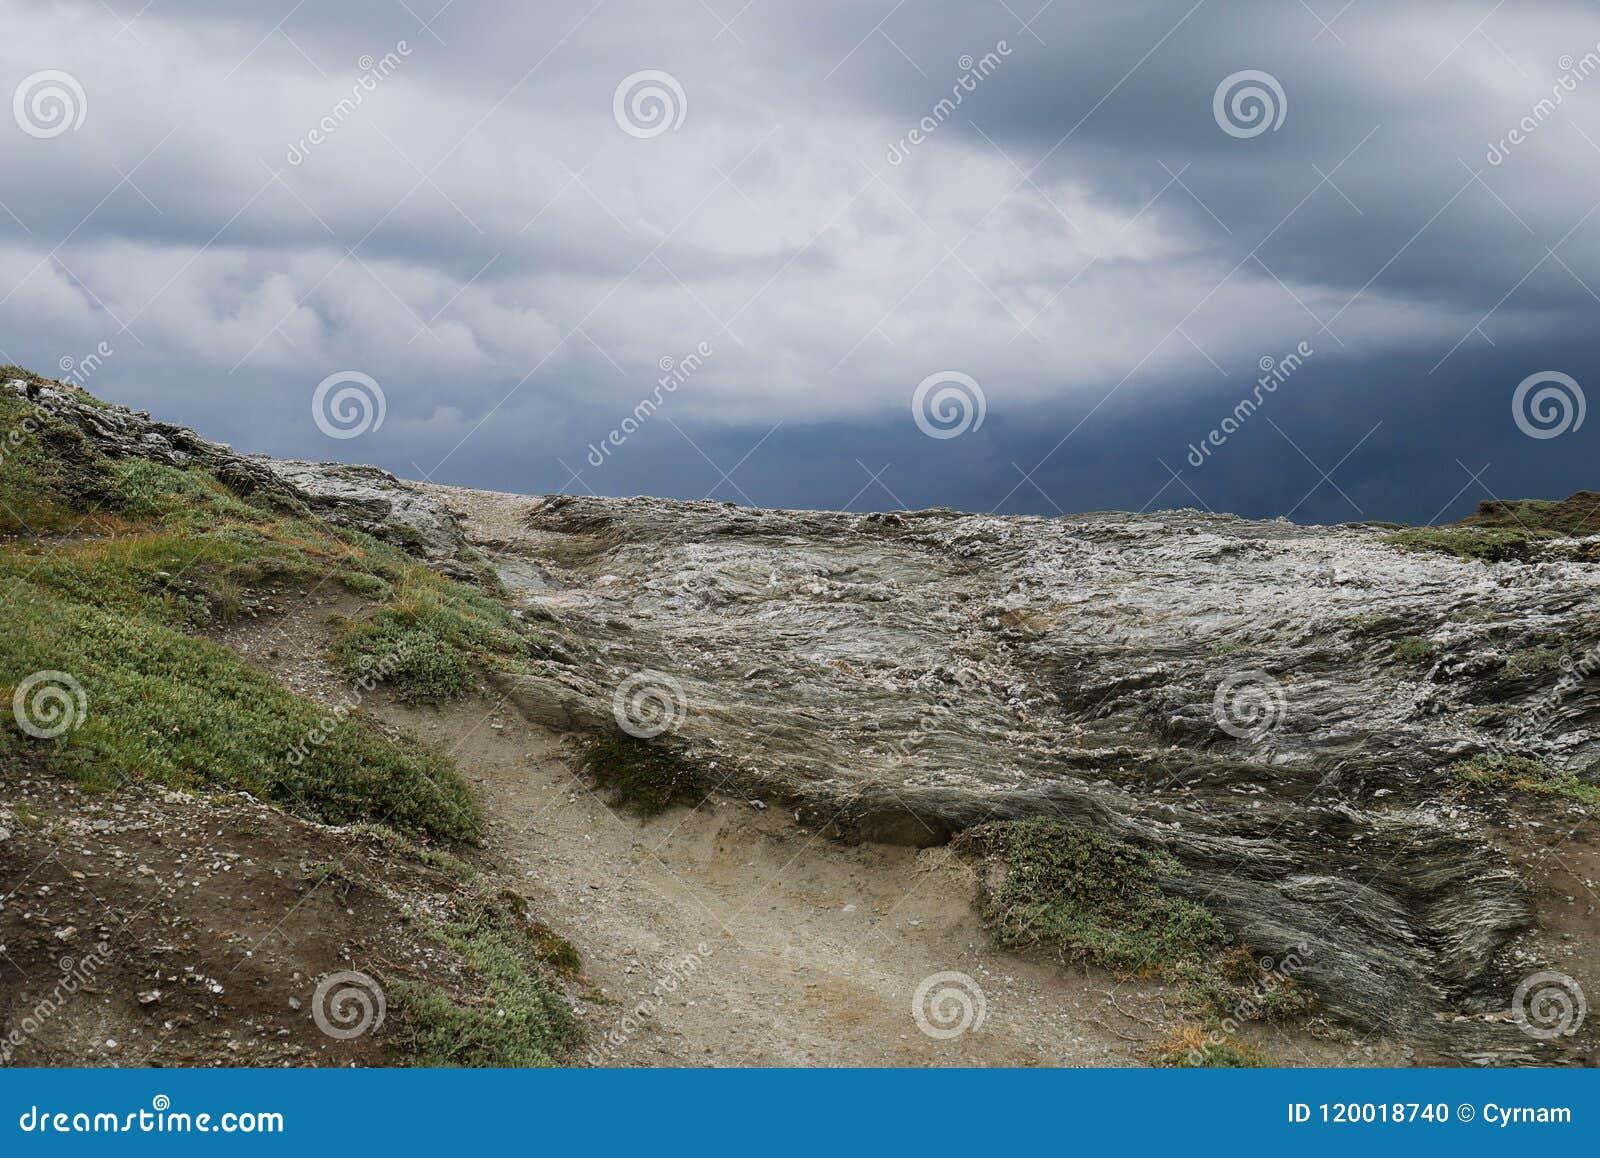 Paesaggio selvaggio tipico in Bretagna con il cielo nuvoloso scuro stupefacente, campagna desolata unica con nessuno